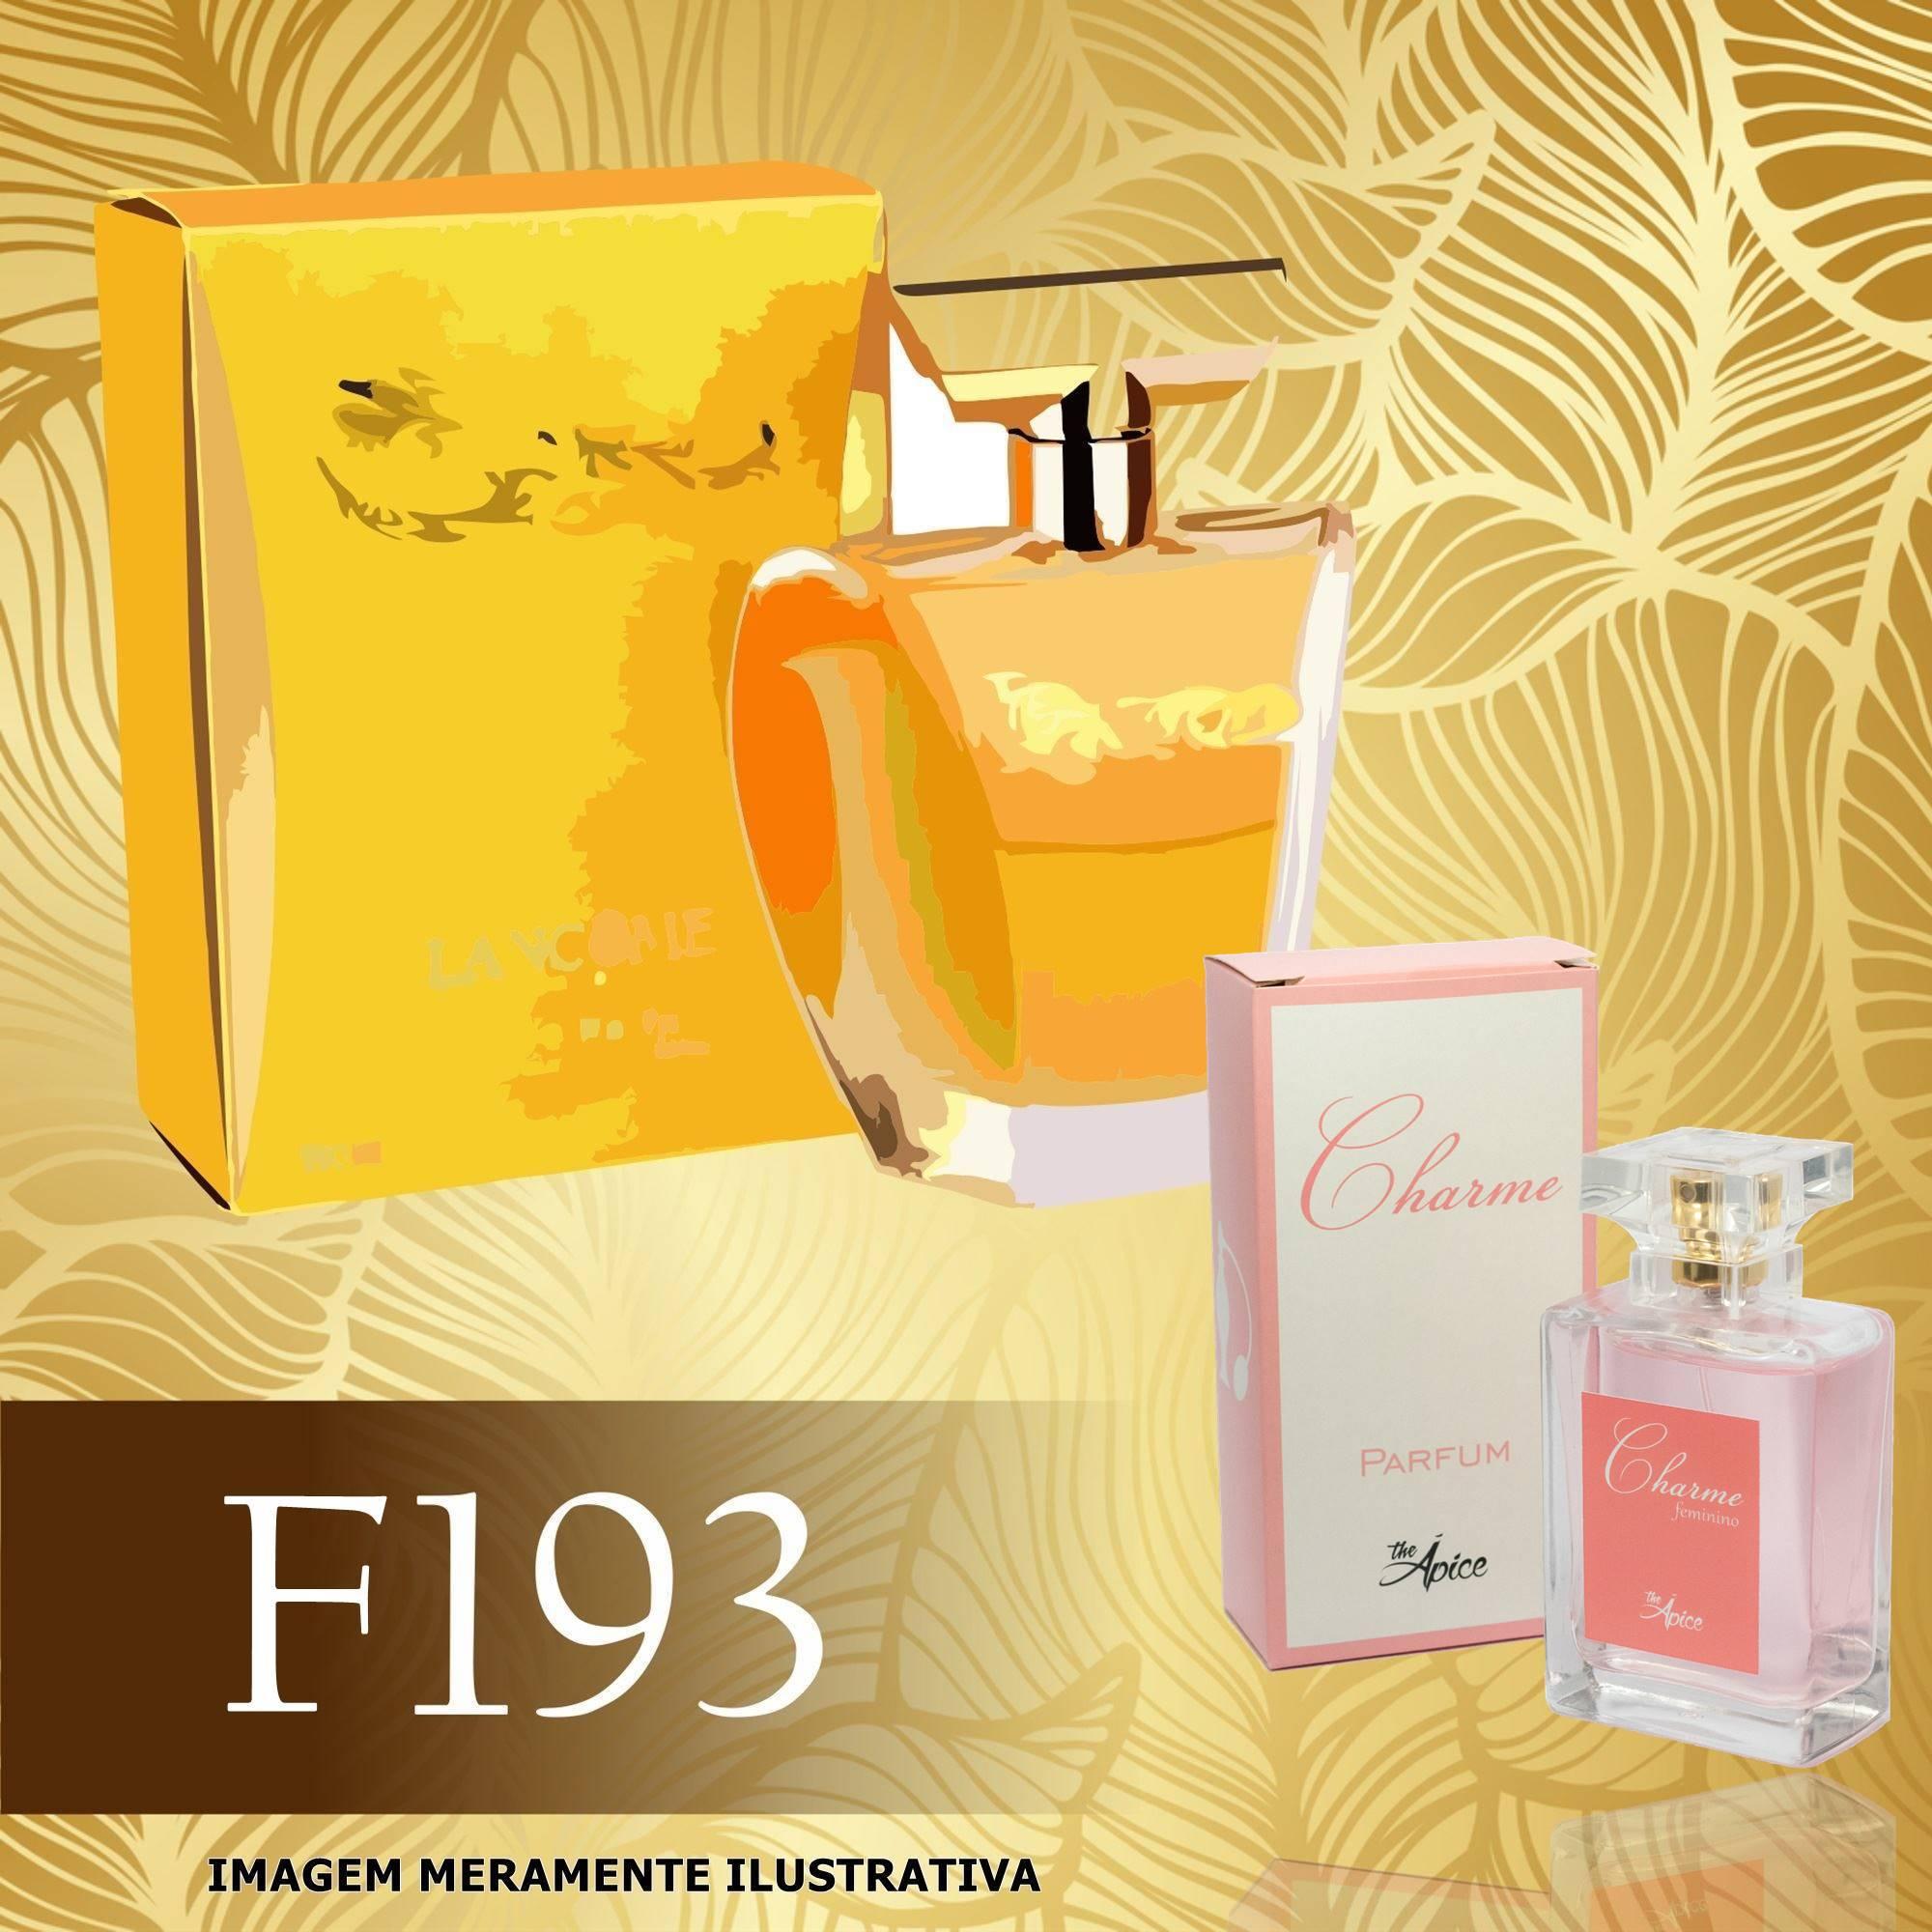 Perfume F193 Inspirado no Poême da Lancôme Feminino